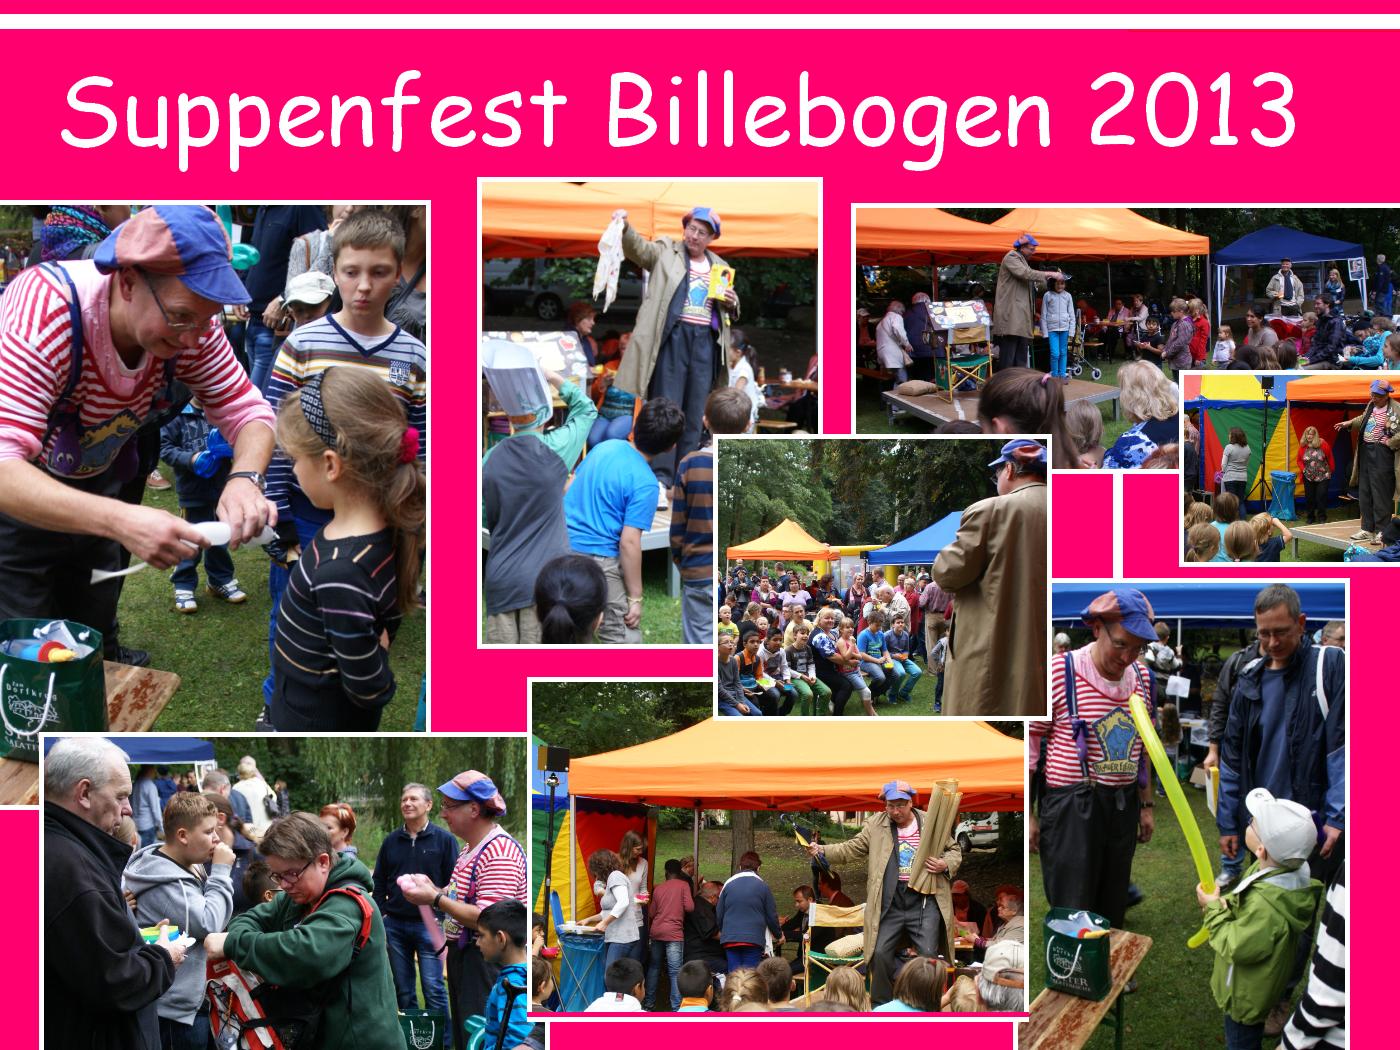 Suppenfest Billebogen 2013